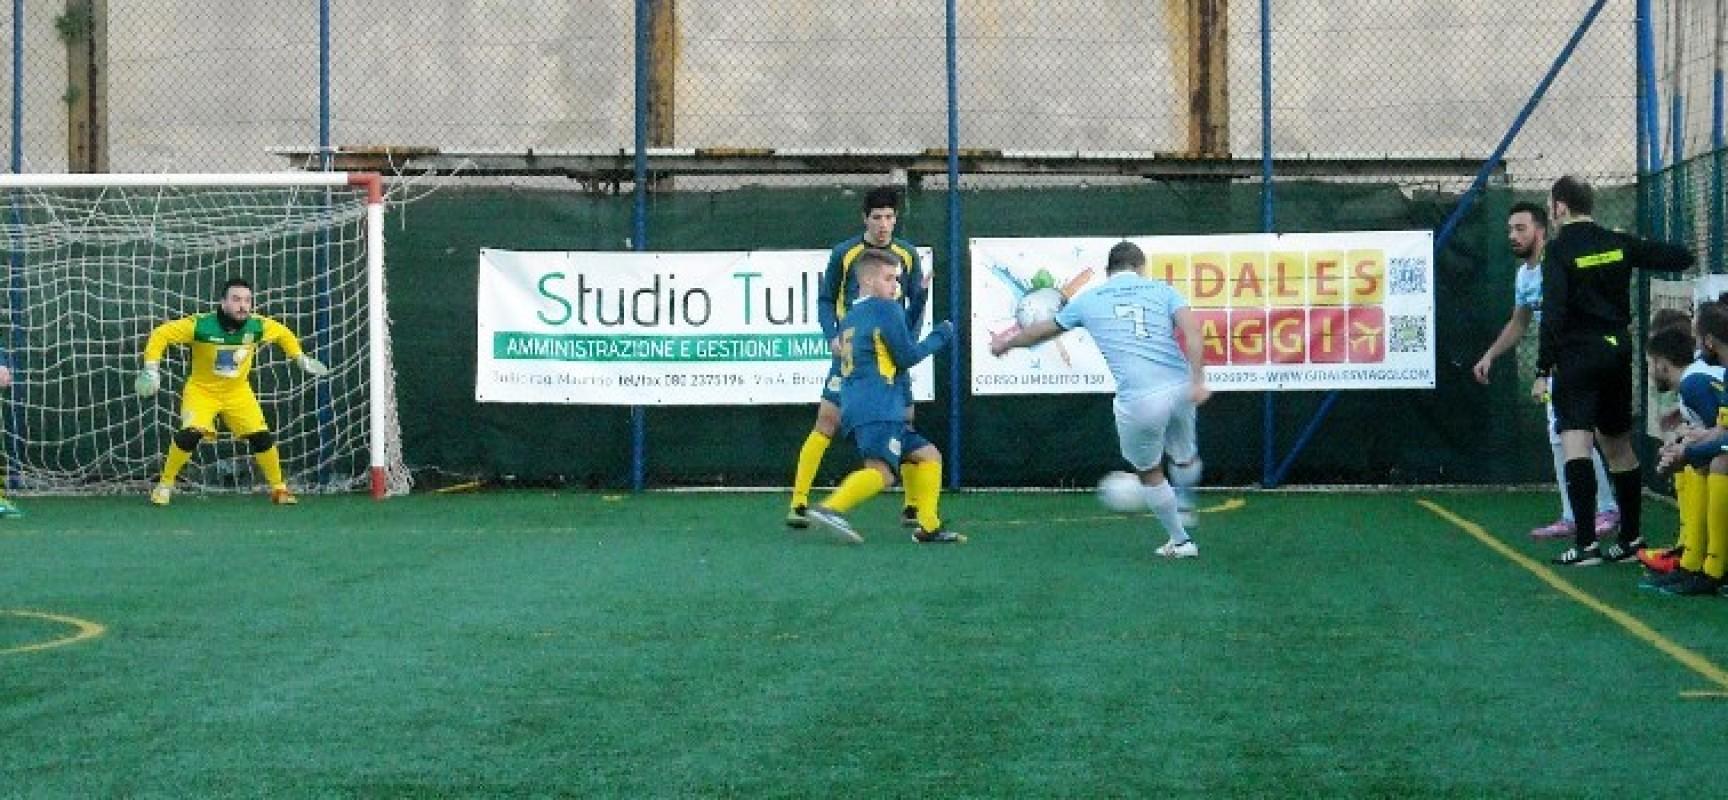 Arcieri-Dell'Olio ed il Nettuno vince il derby contro il Santos